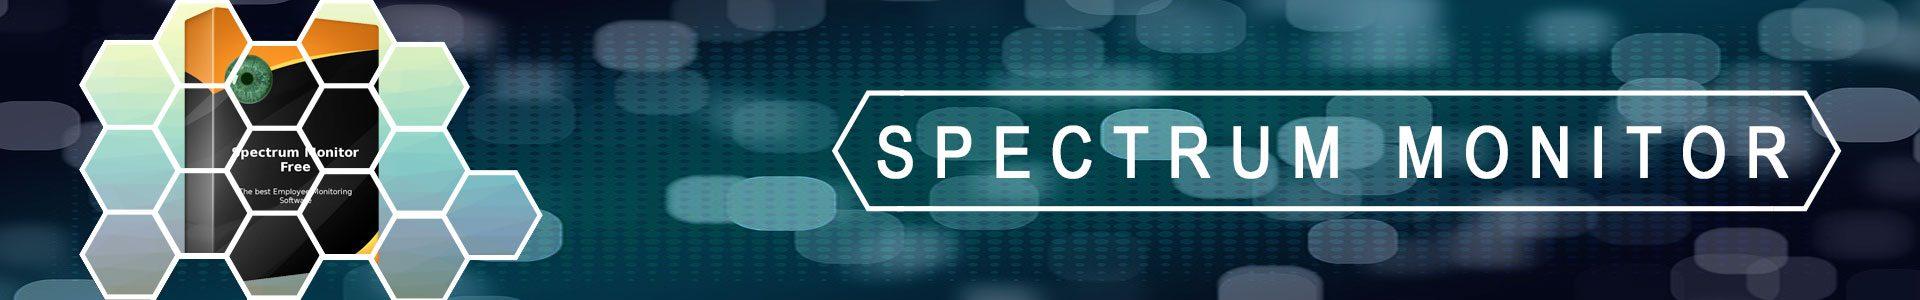 Spectrum-Monitor